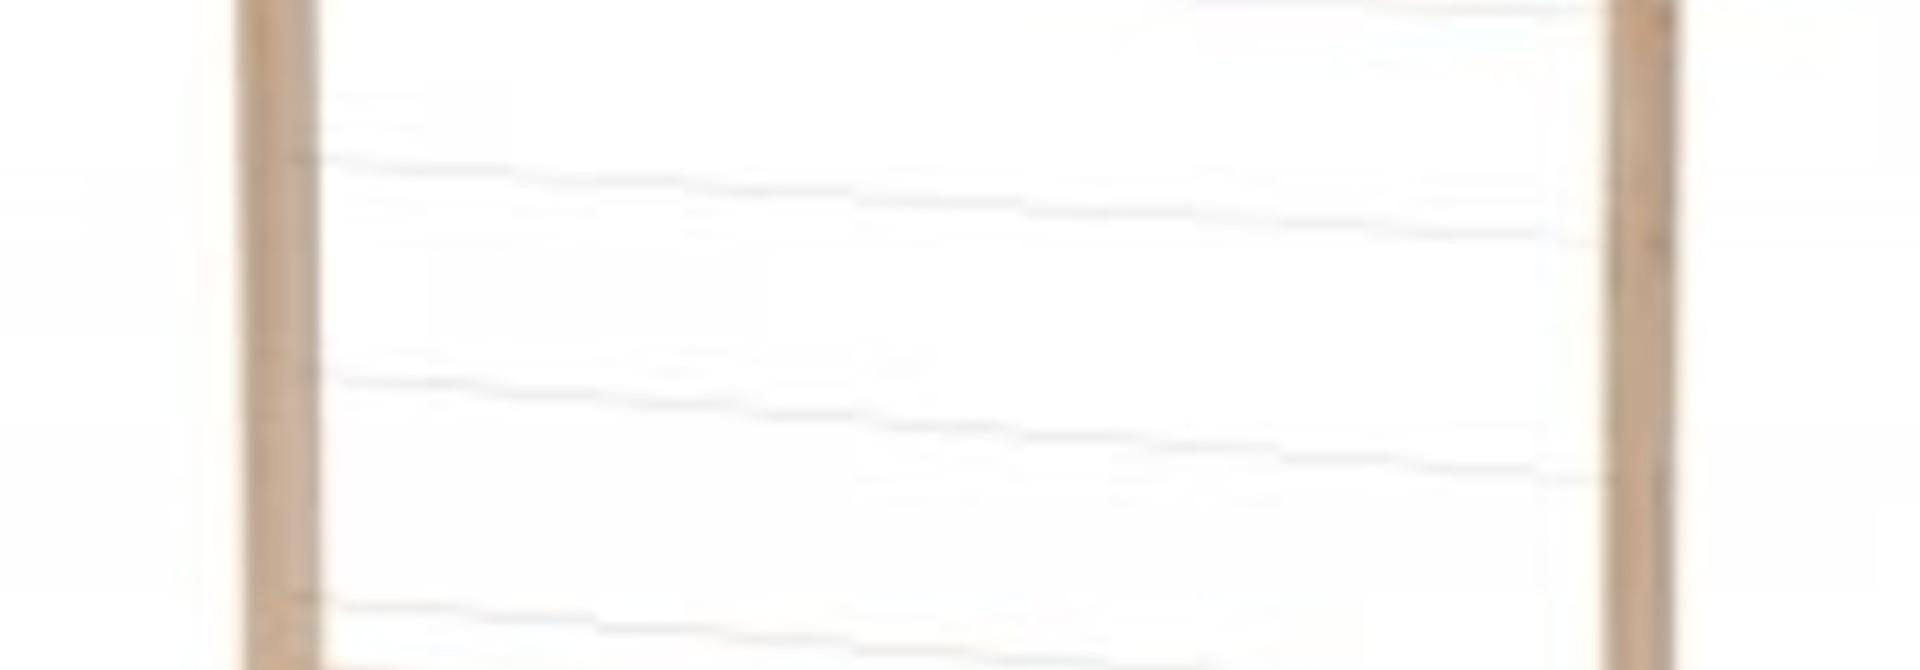 Simplex NL - broedramen per 10